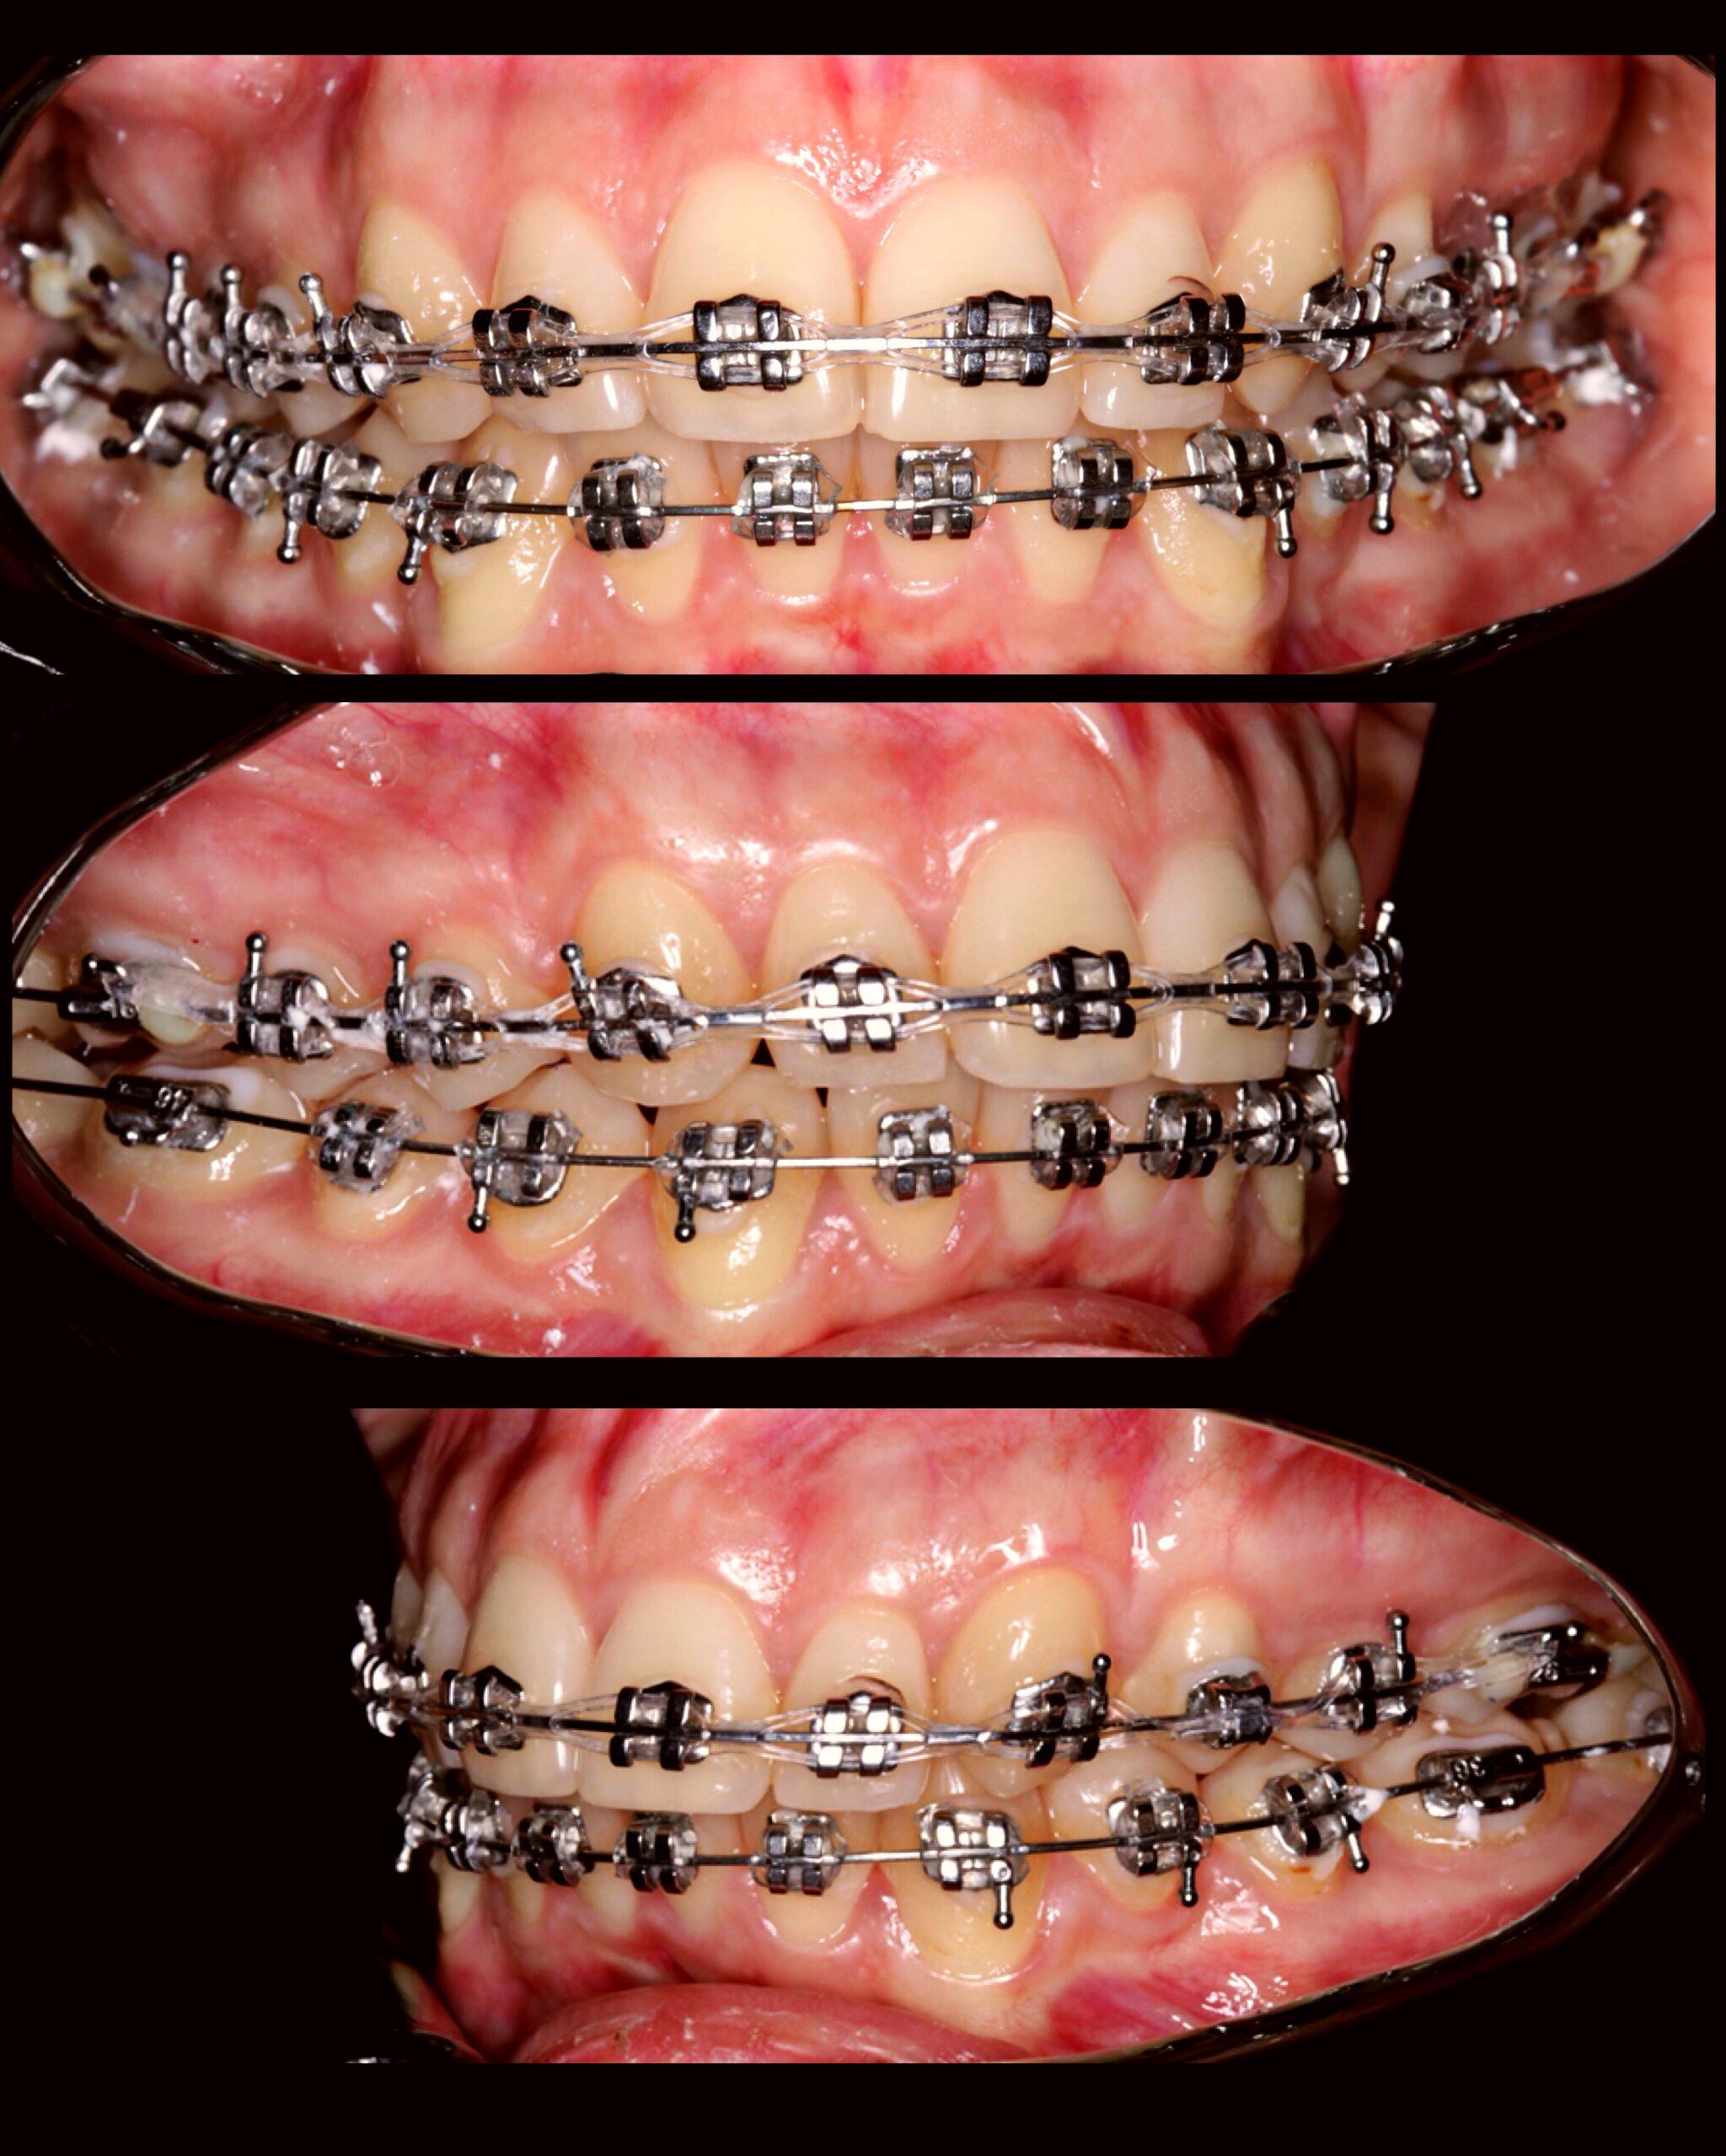 Уникальный модельный ряд брекетов от american orthodontics